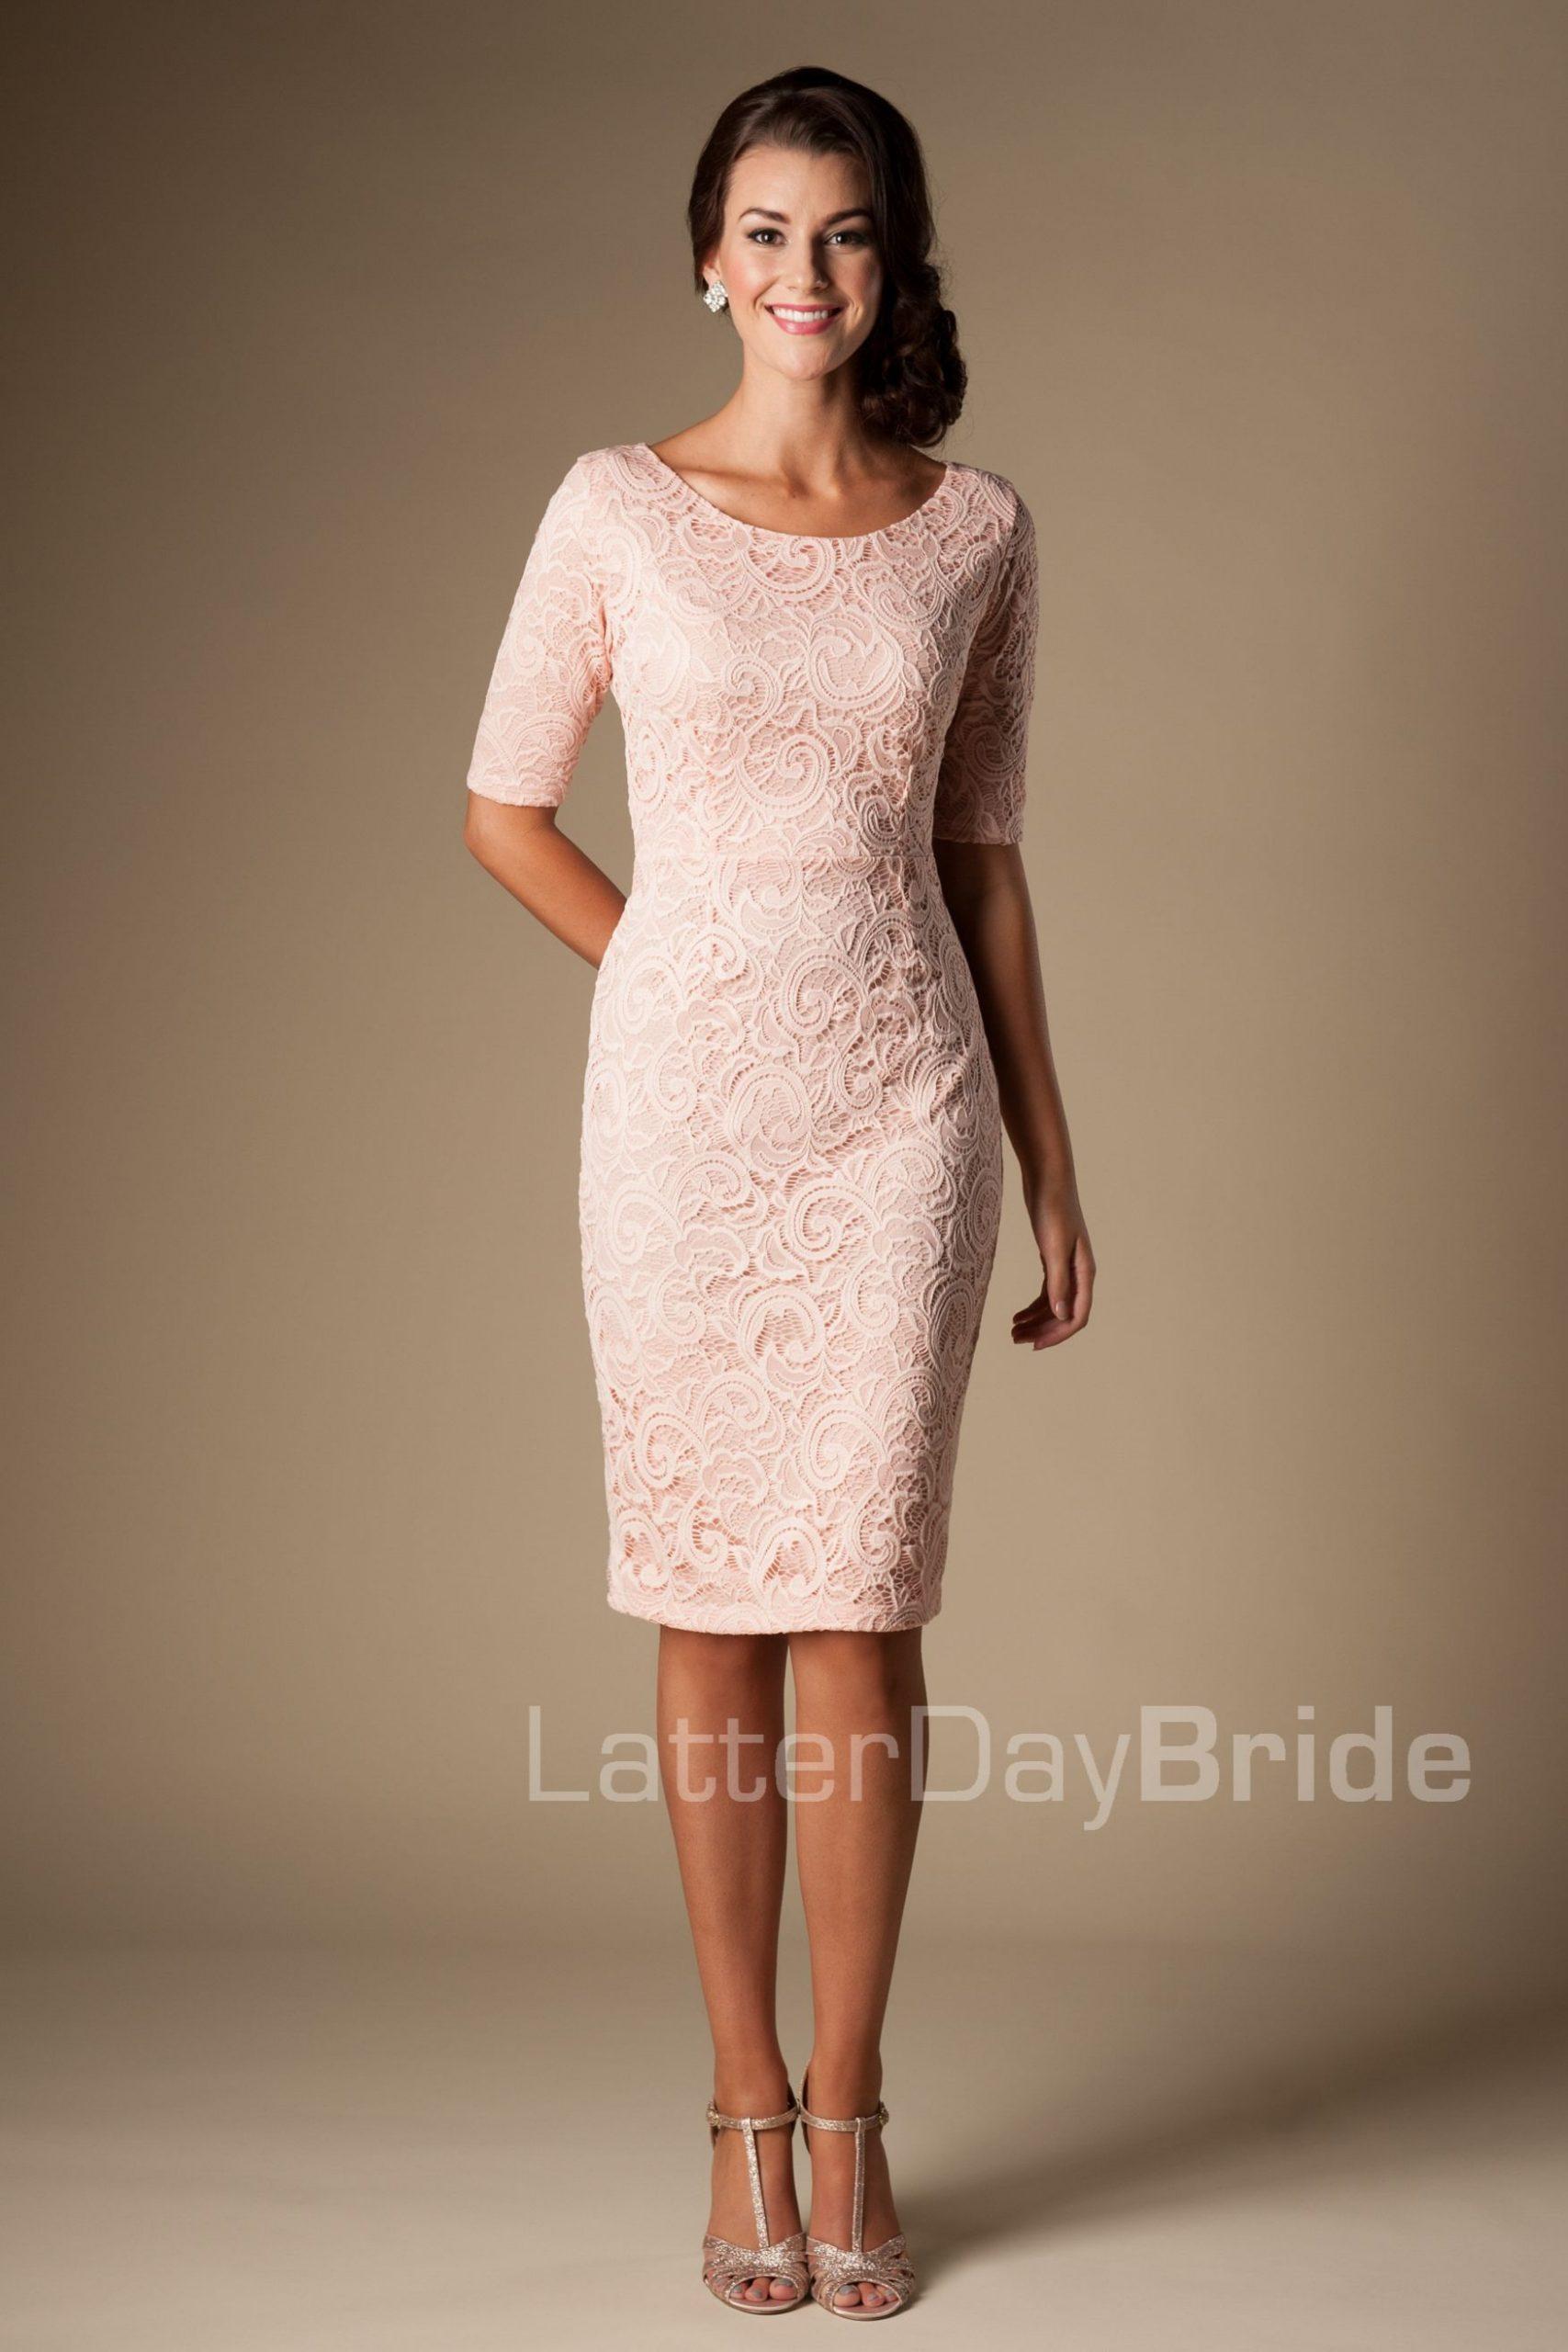 Schöne Kleider Für Hochzeitsgäste | Festliche Kleider